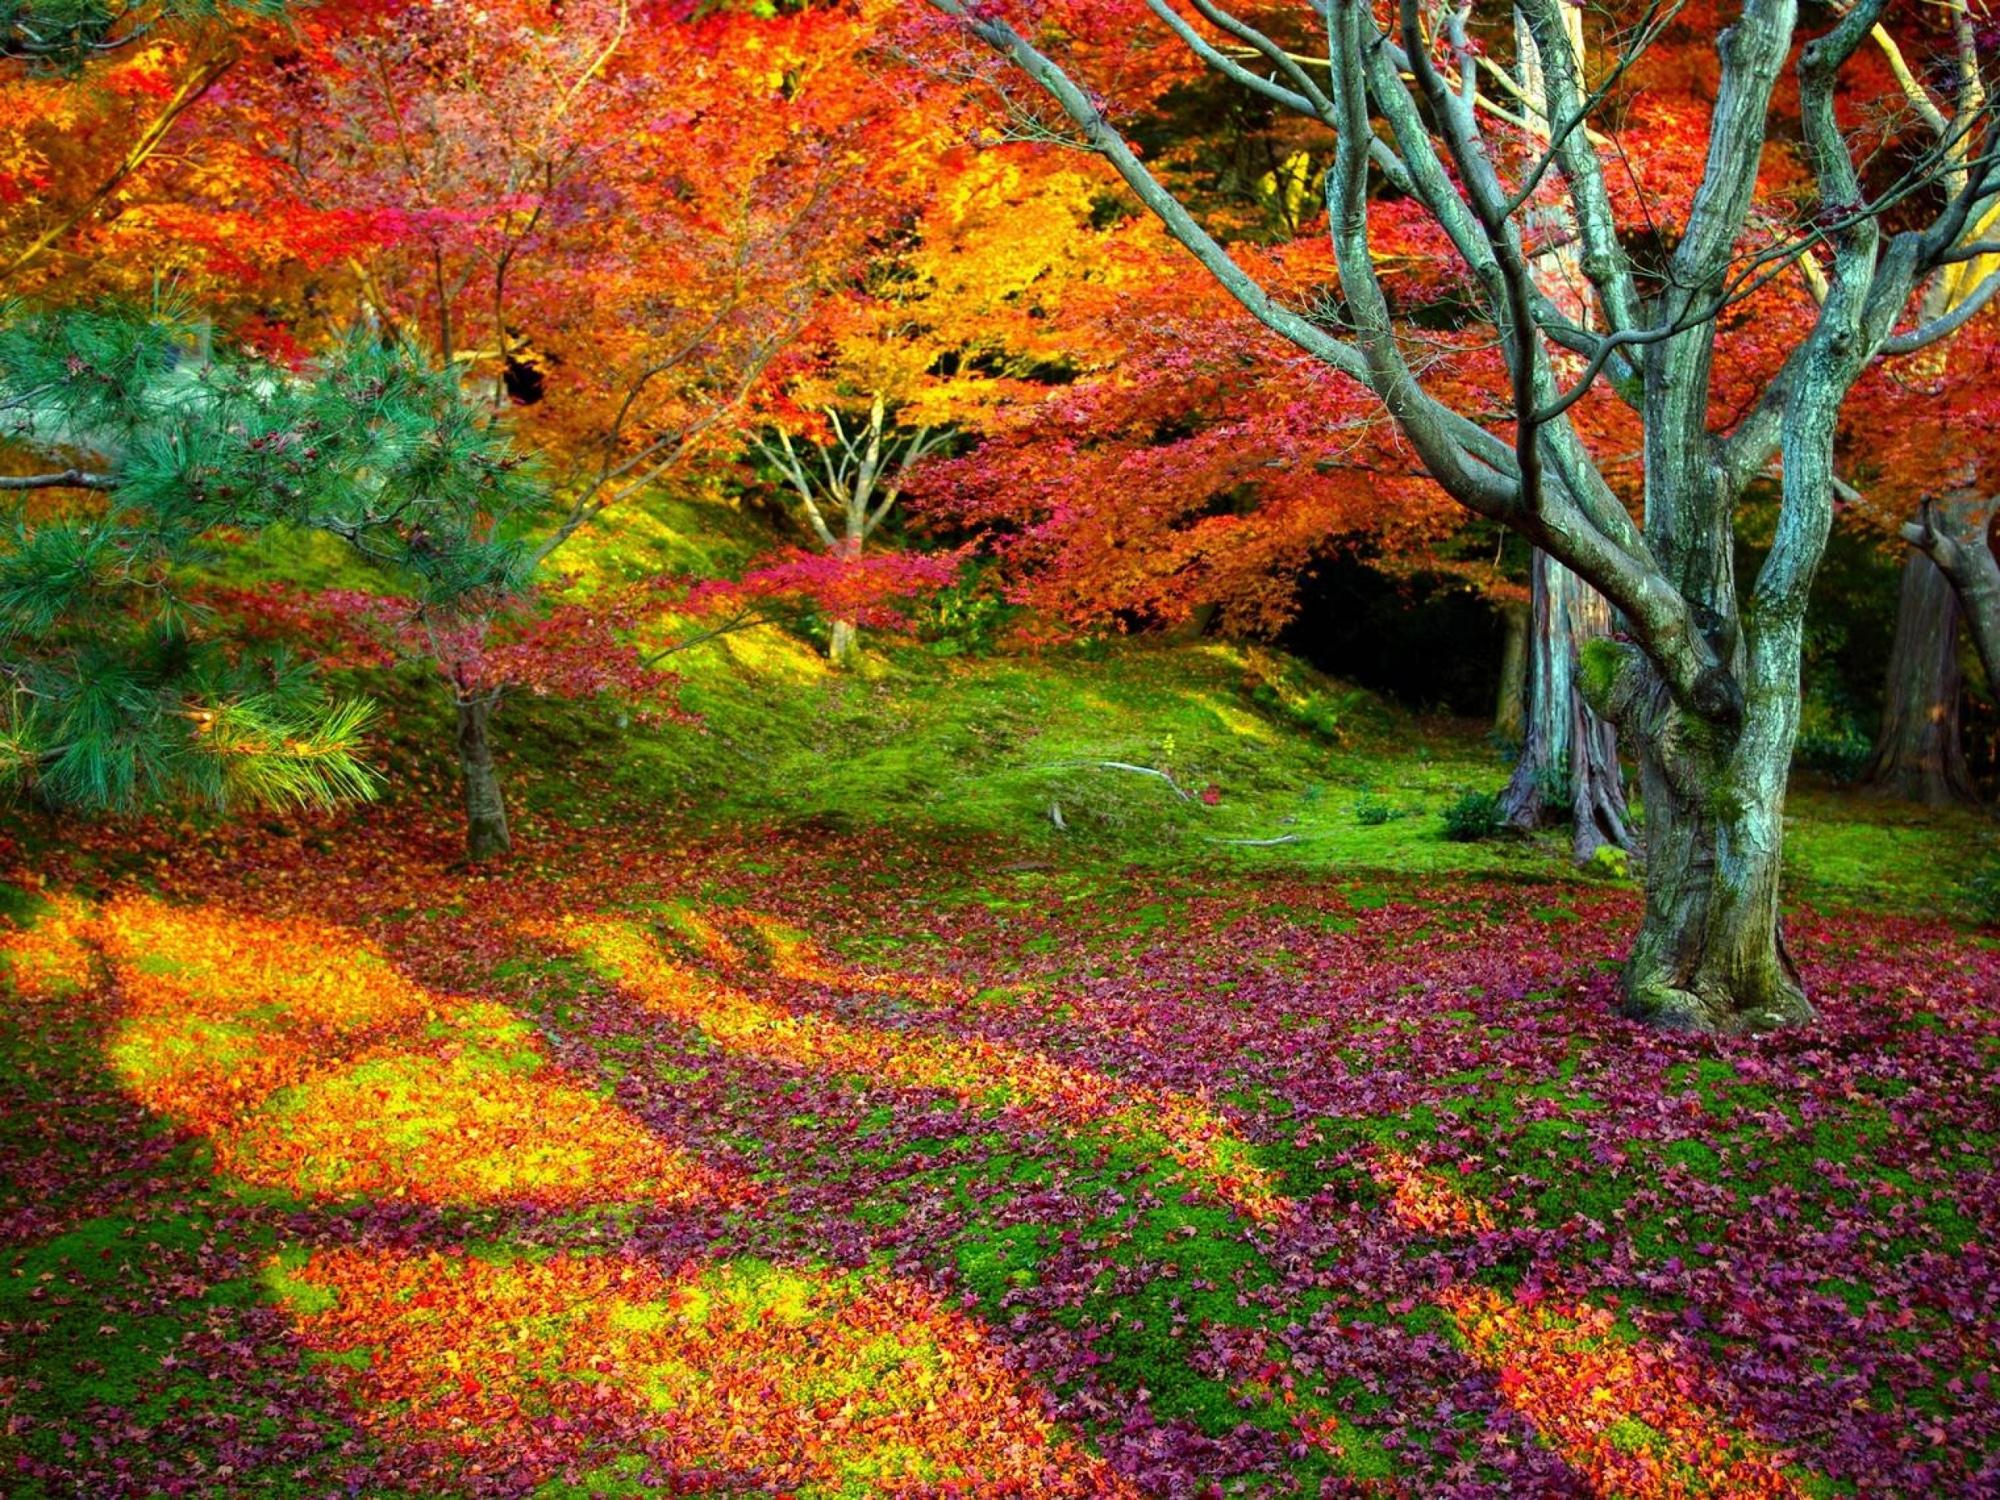 بهترین عکس های فصل پاییز